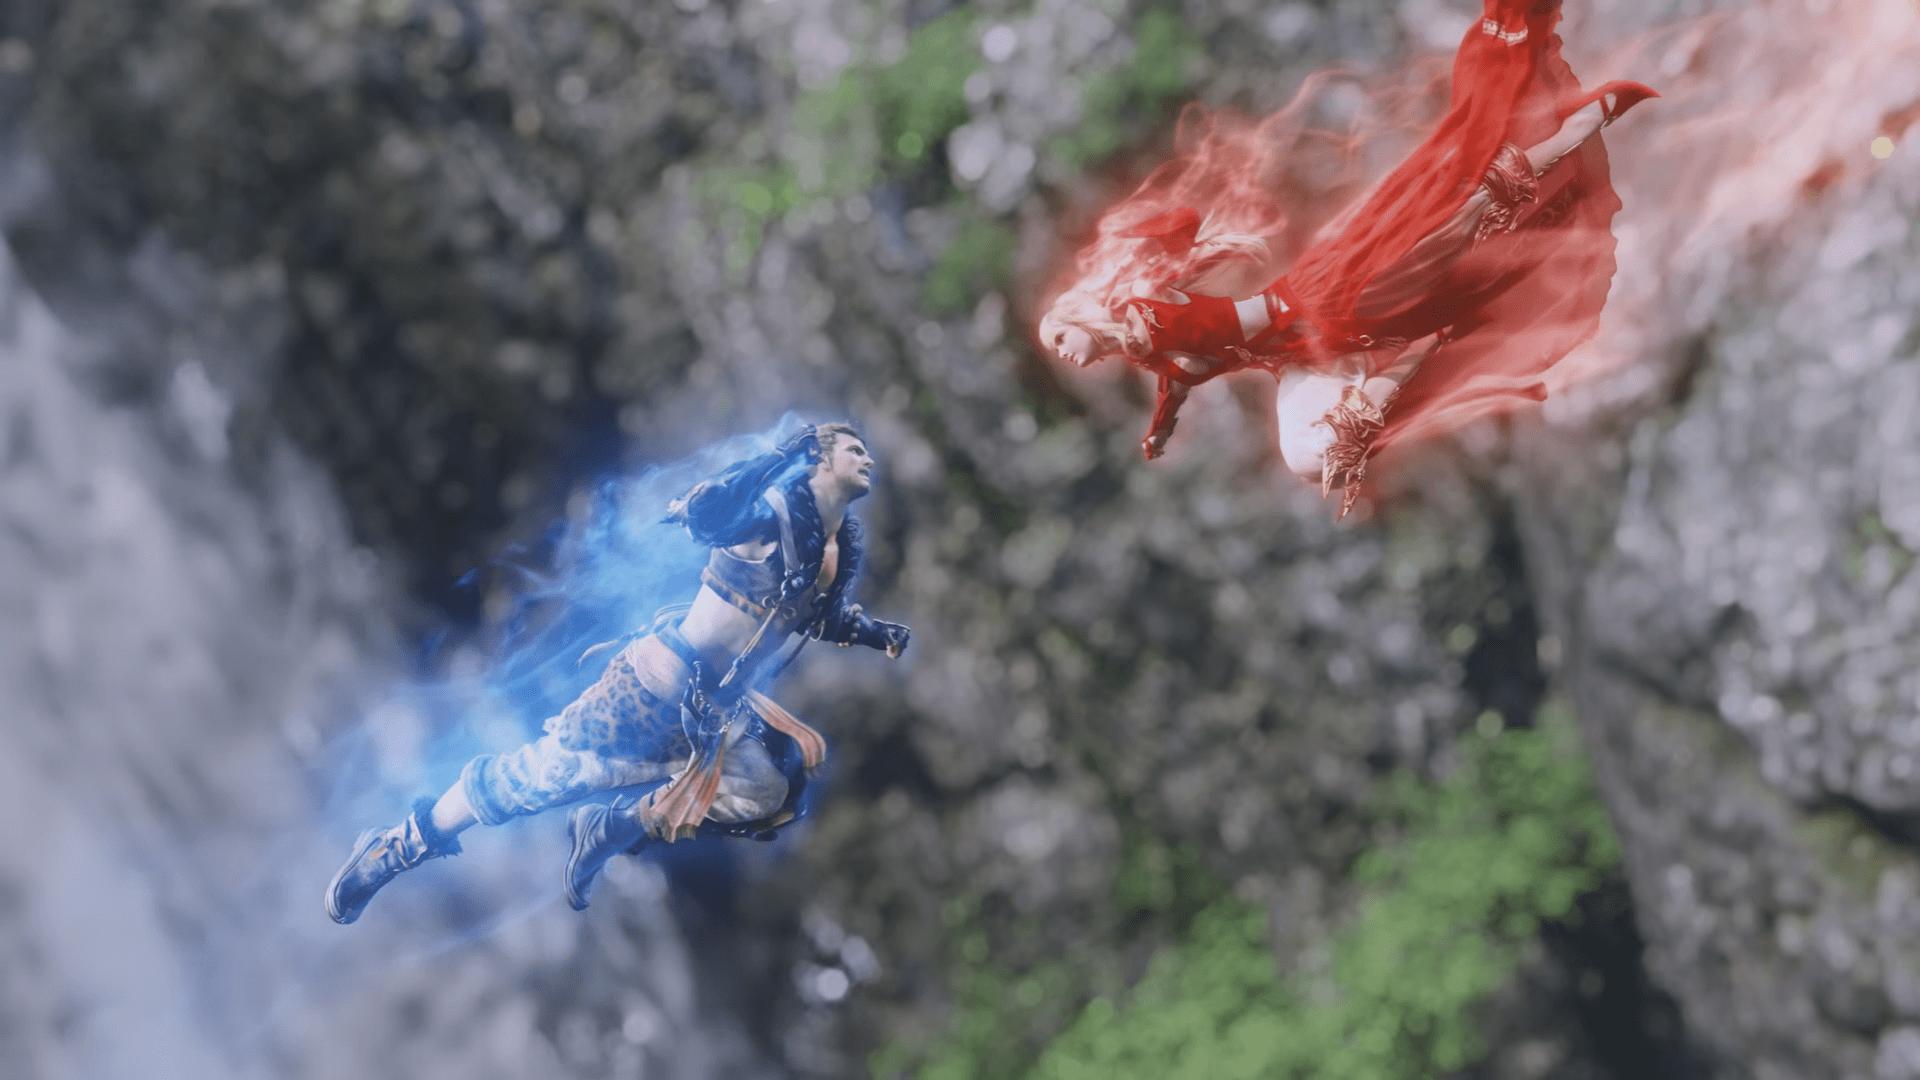 Final Fantasy Xiv Stormblood Wallpapers Wallpaper Cave